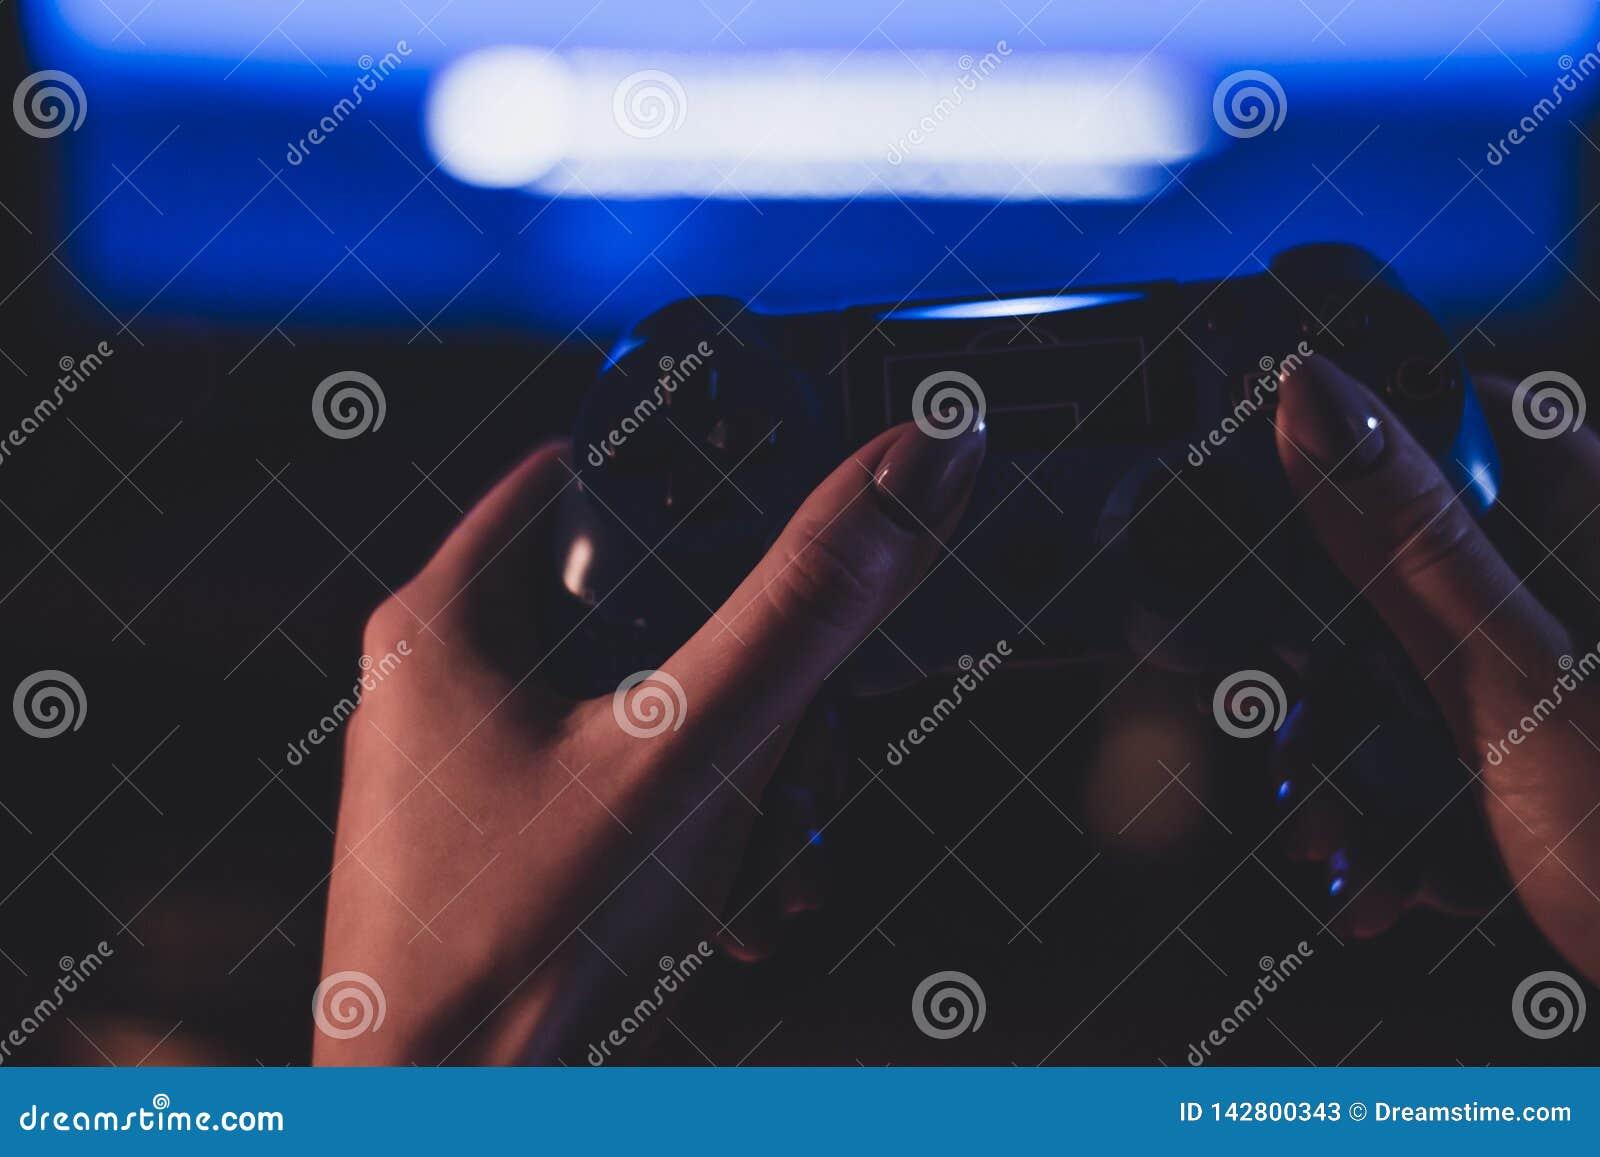 Atmosphärische Fotografie des geypad in der Hand eines Mädchens